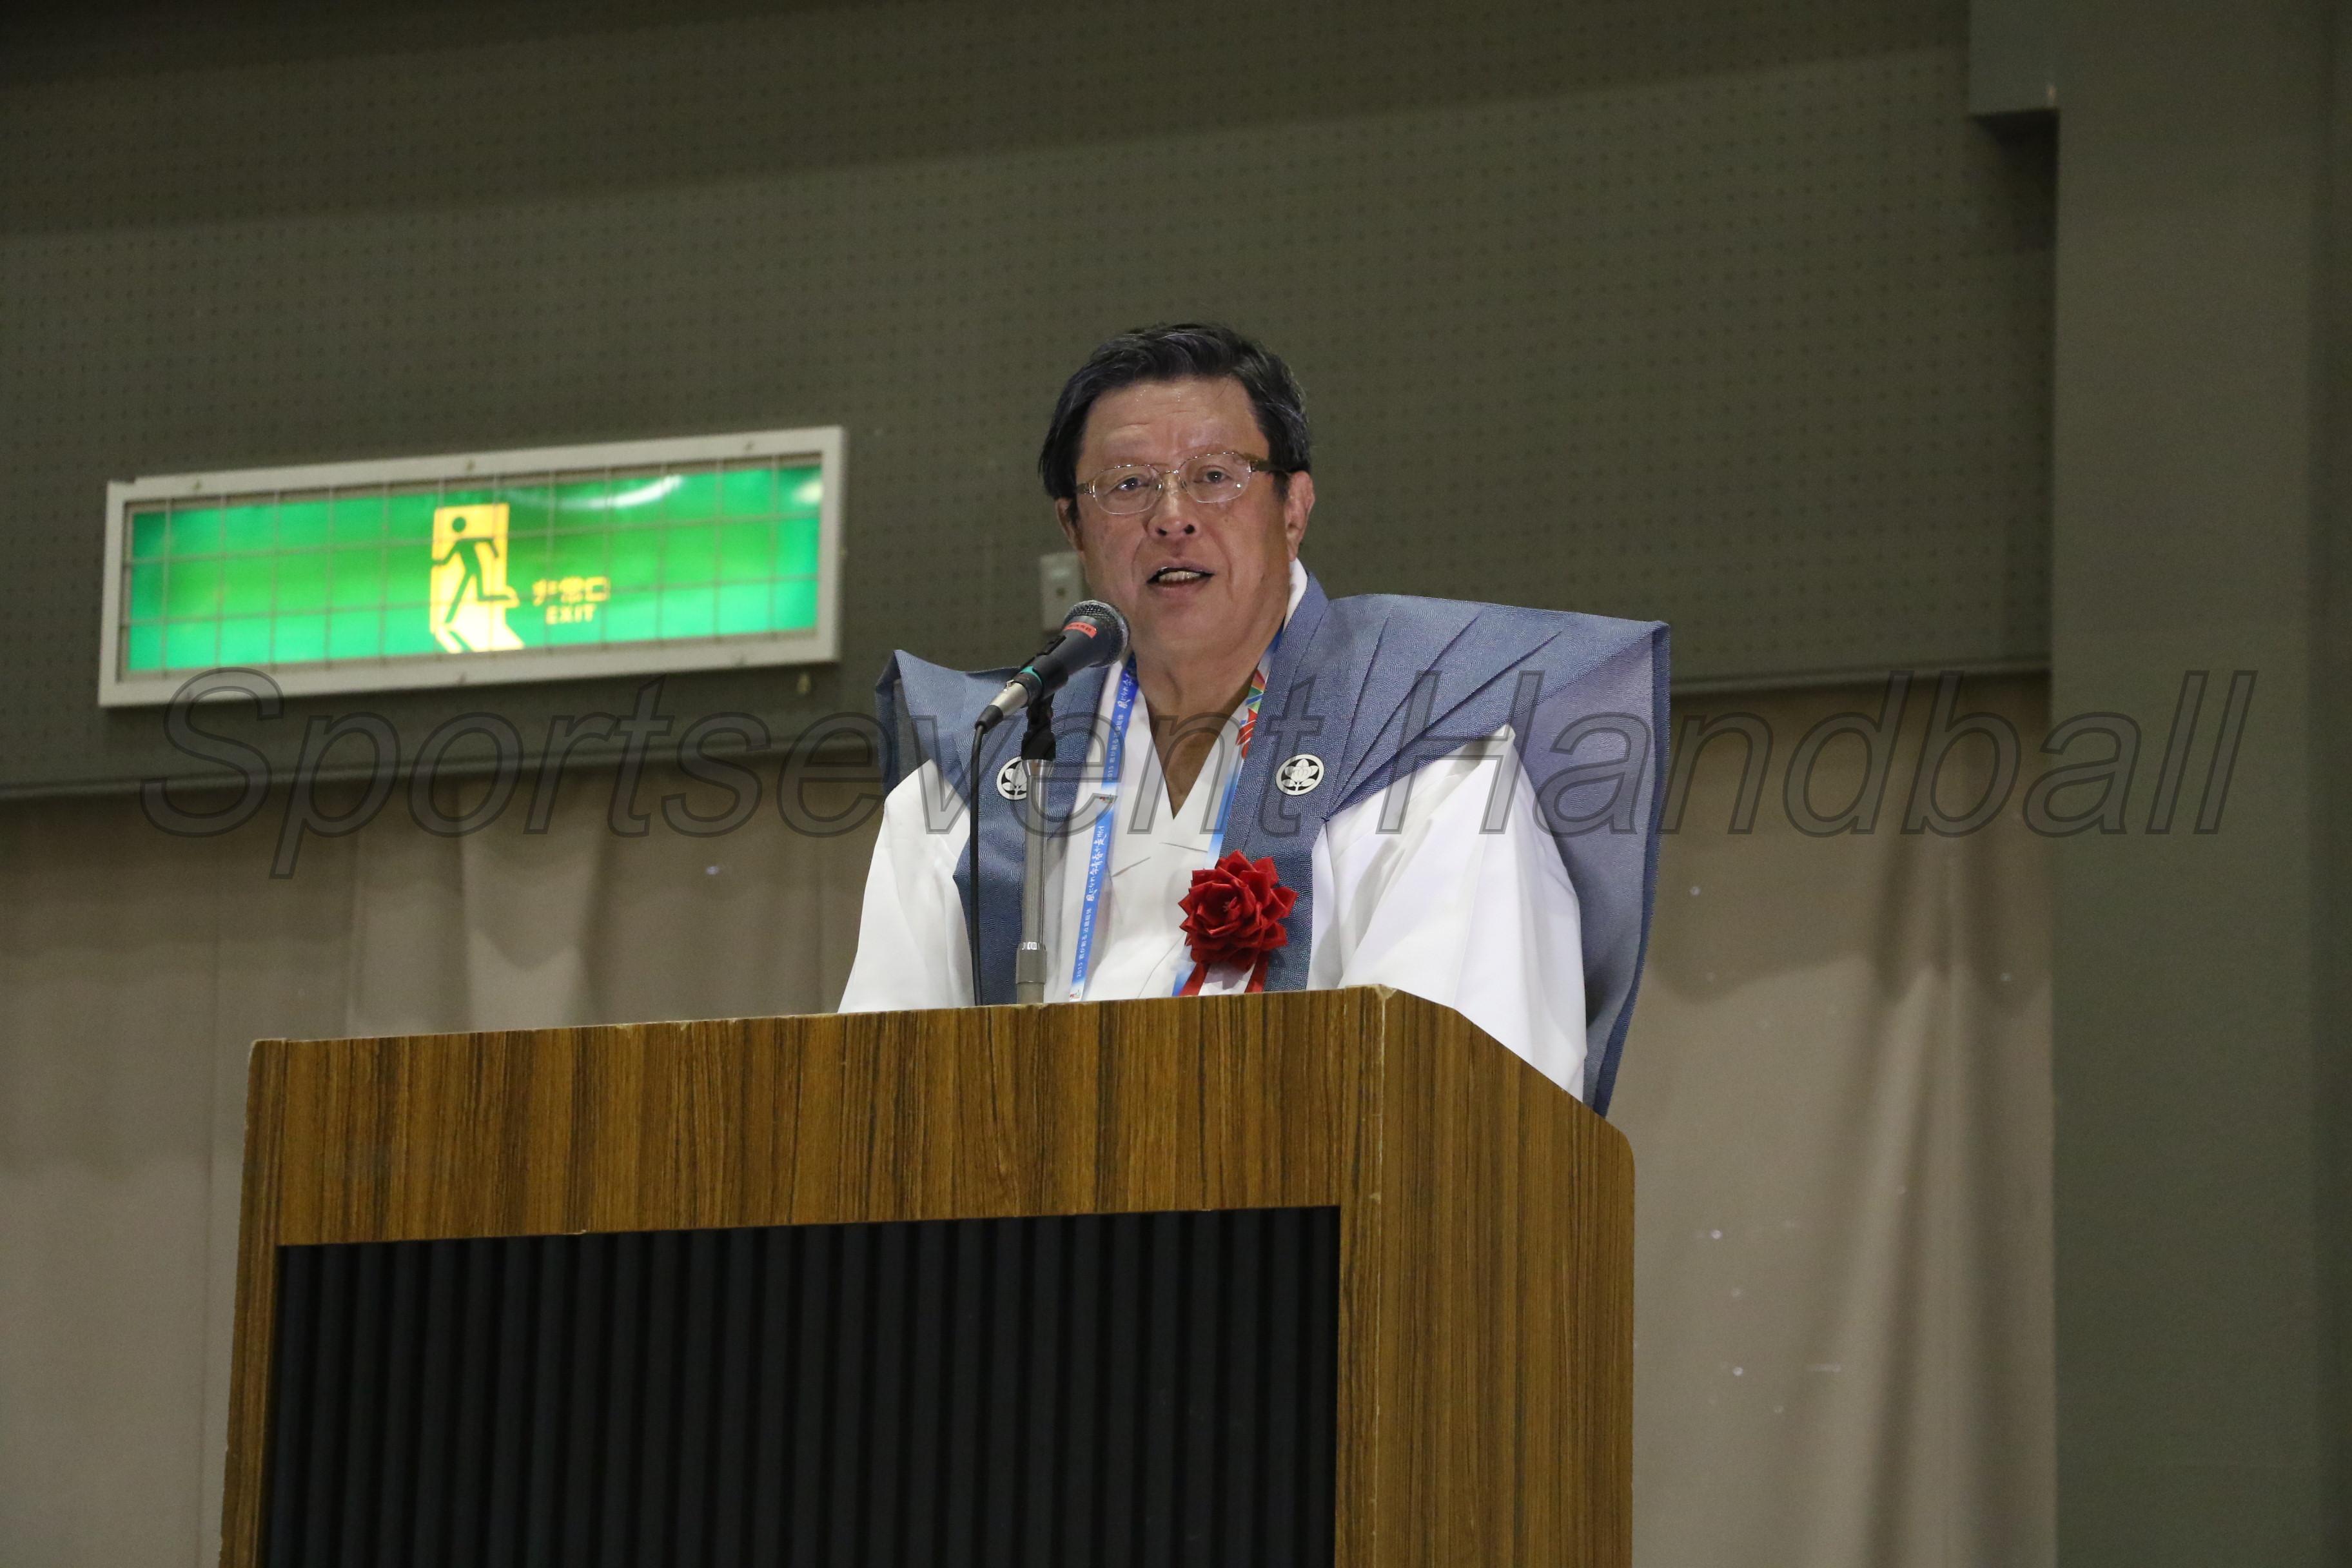 歓迎の言葉でひときわ注目を浴びたのが竹山修身堺市長。この日はお祭があり、この服装での出席となりました